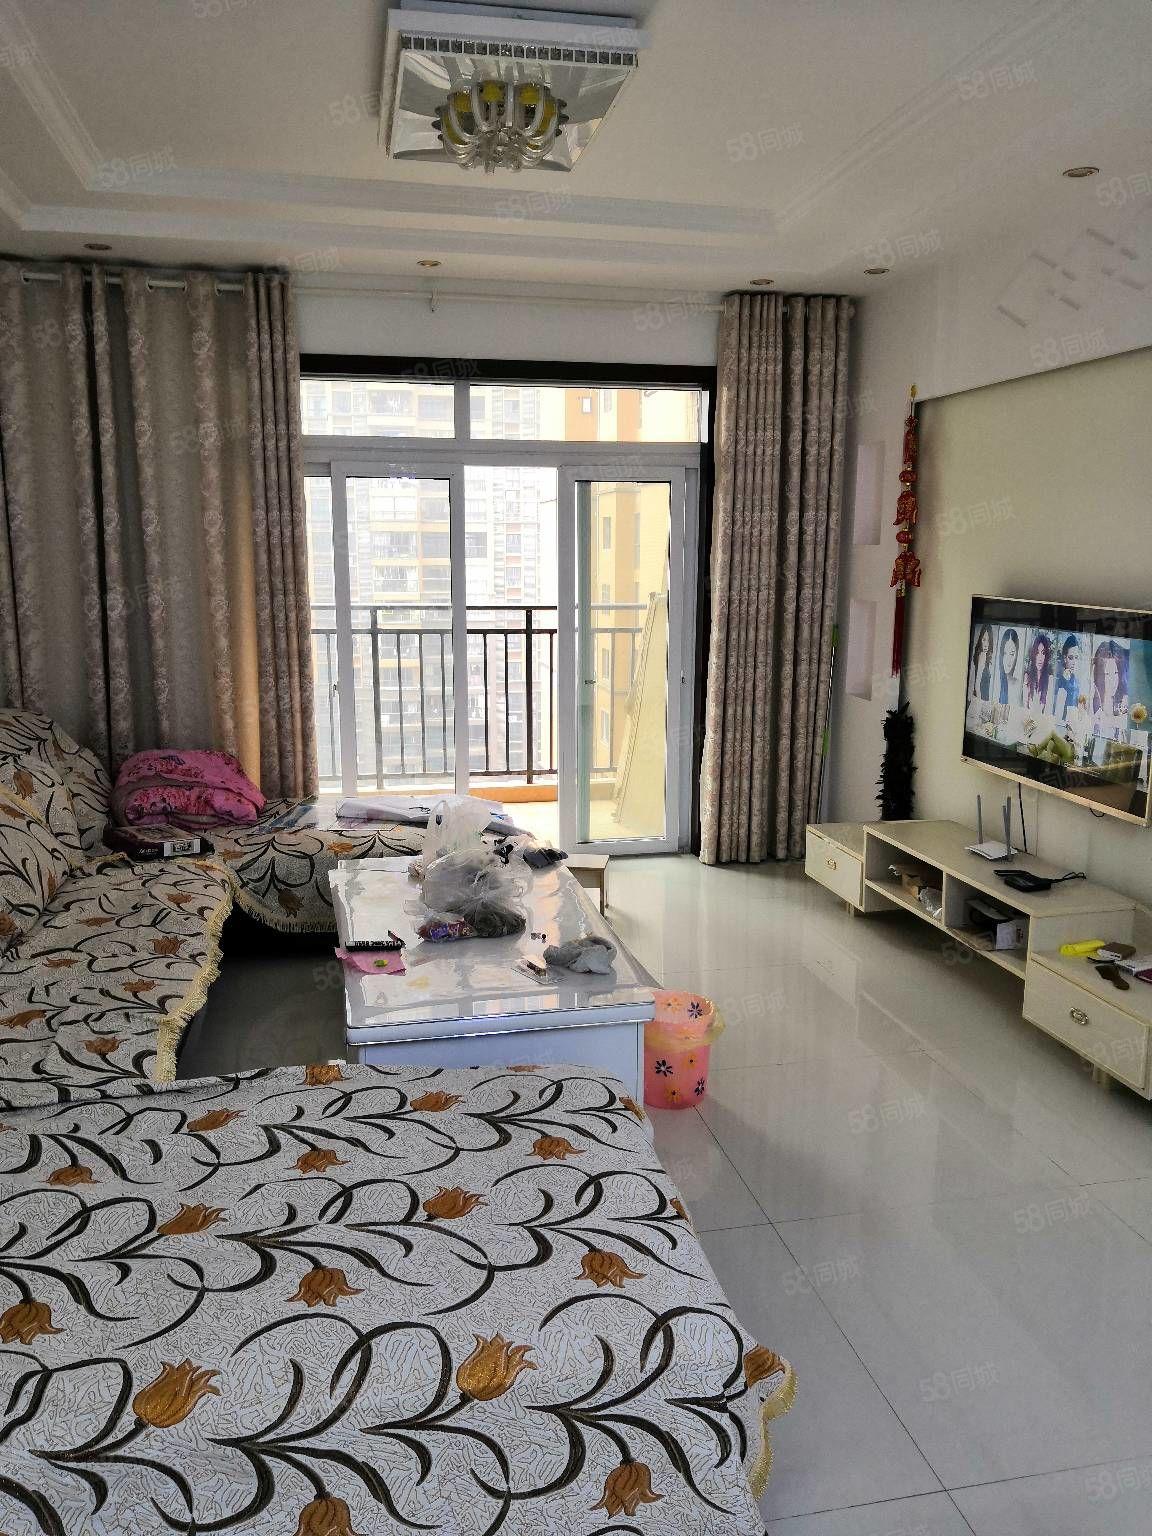 香山湖精装房带家具家电急卖!三室两厅一厨2卫一阳台101平米